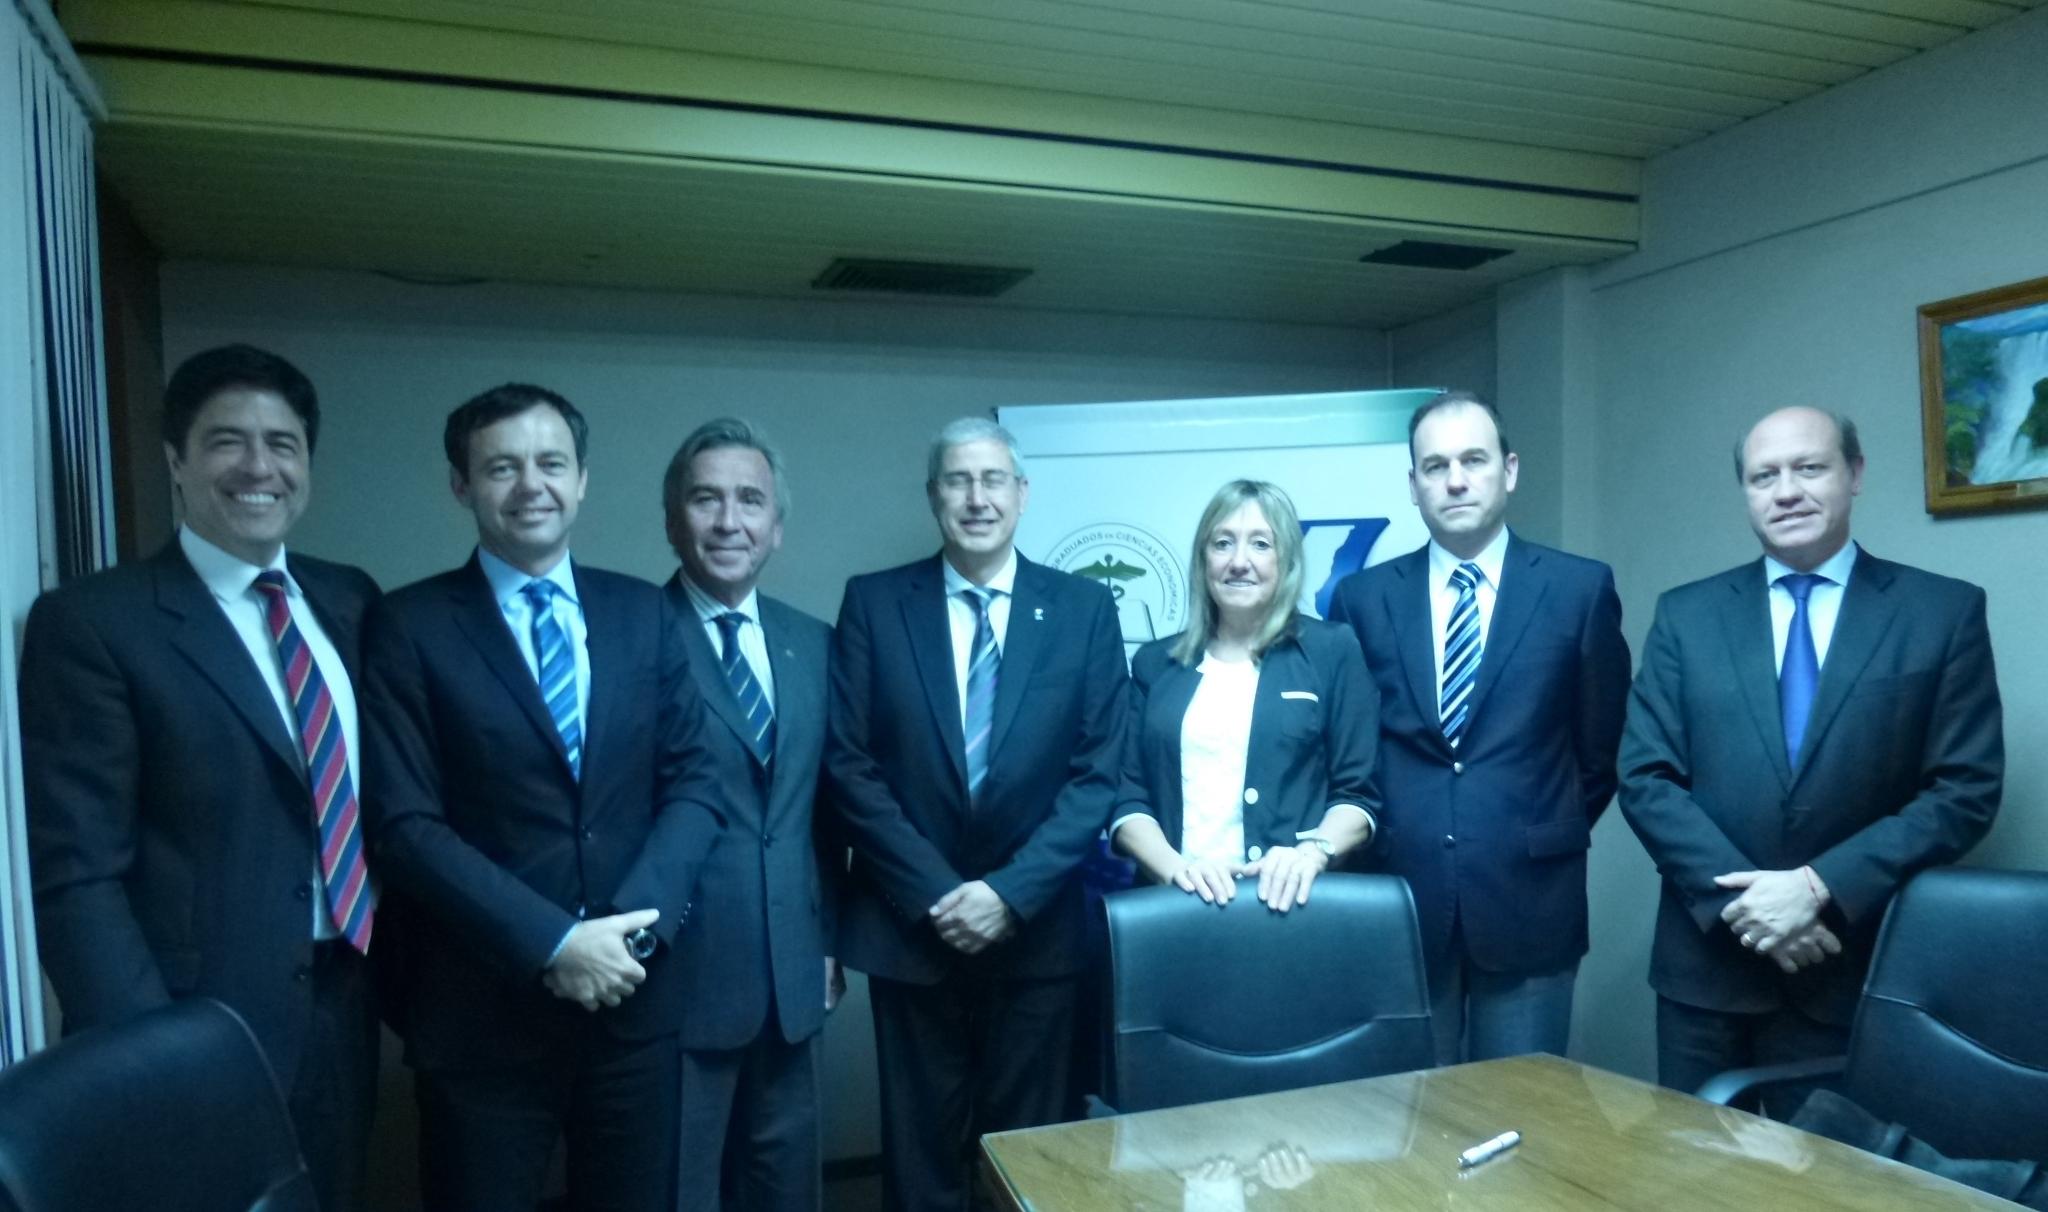 Renovación Convenio de Cooperación con el Tribunal de Cuentas de la Provincia de Santa Fe.